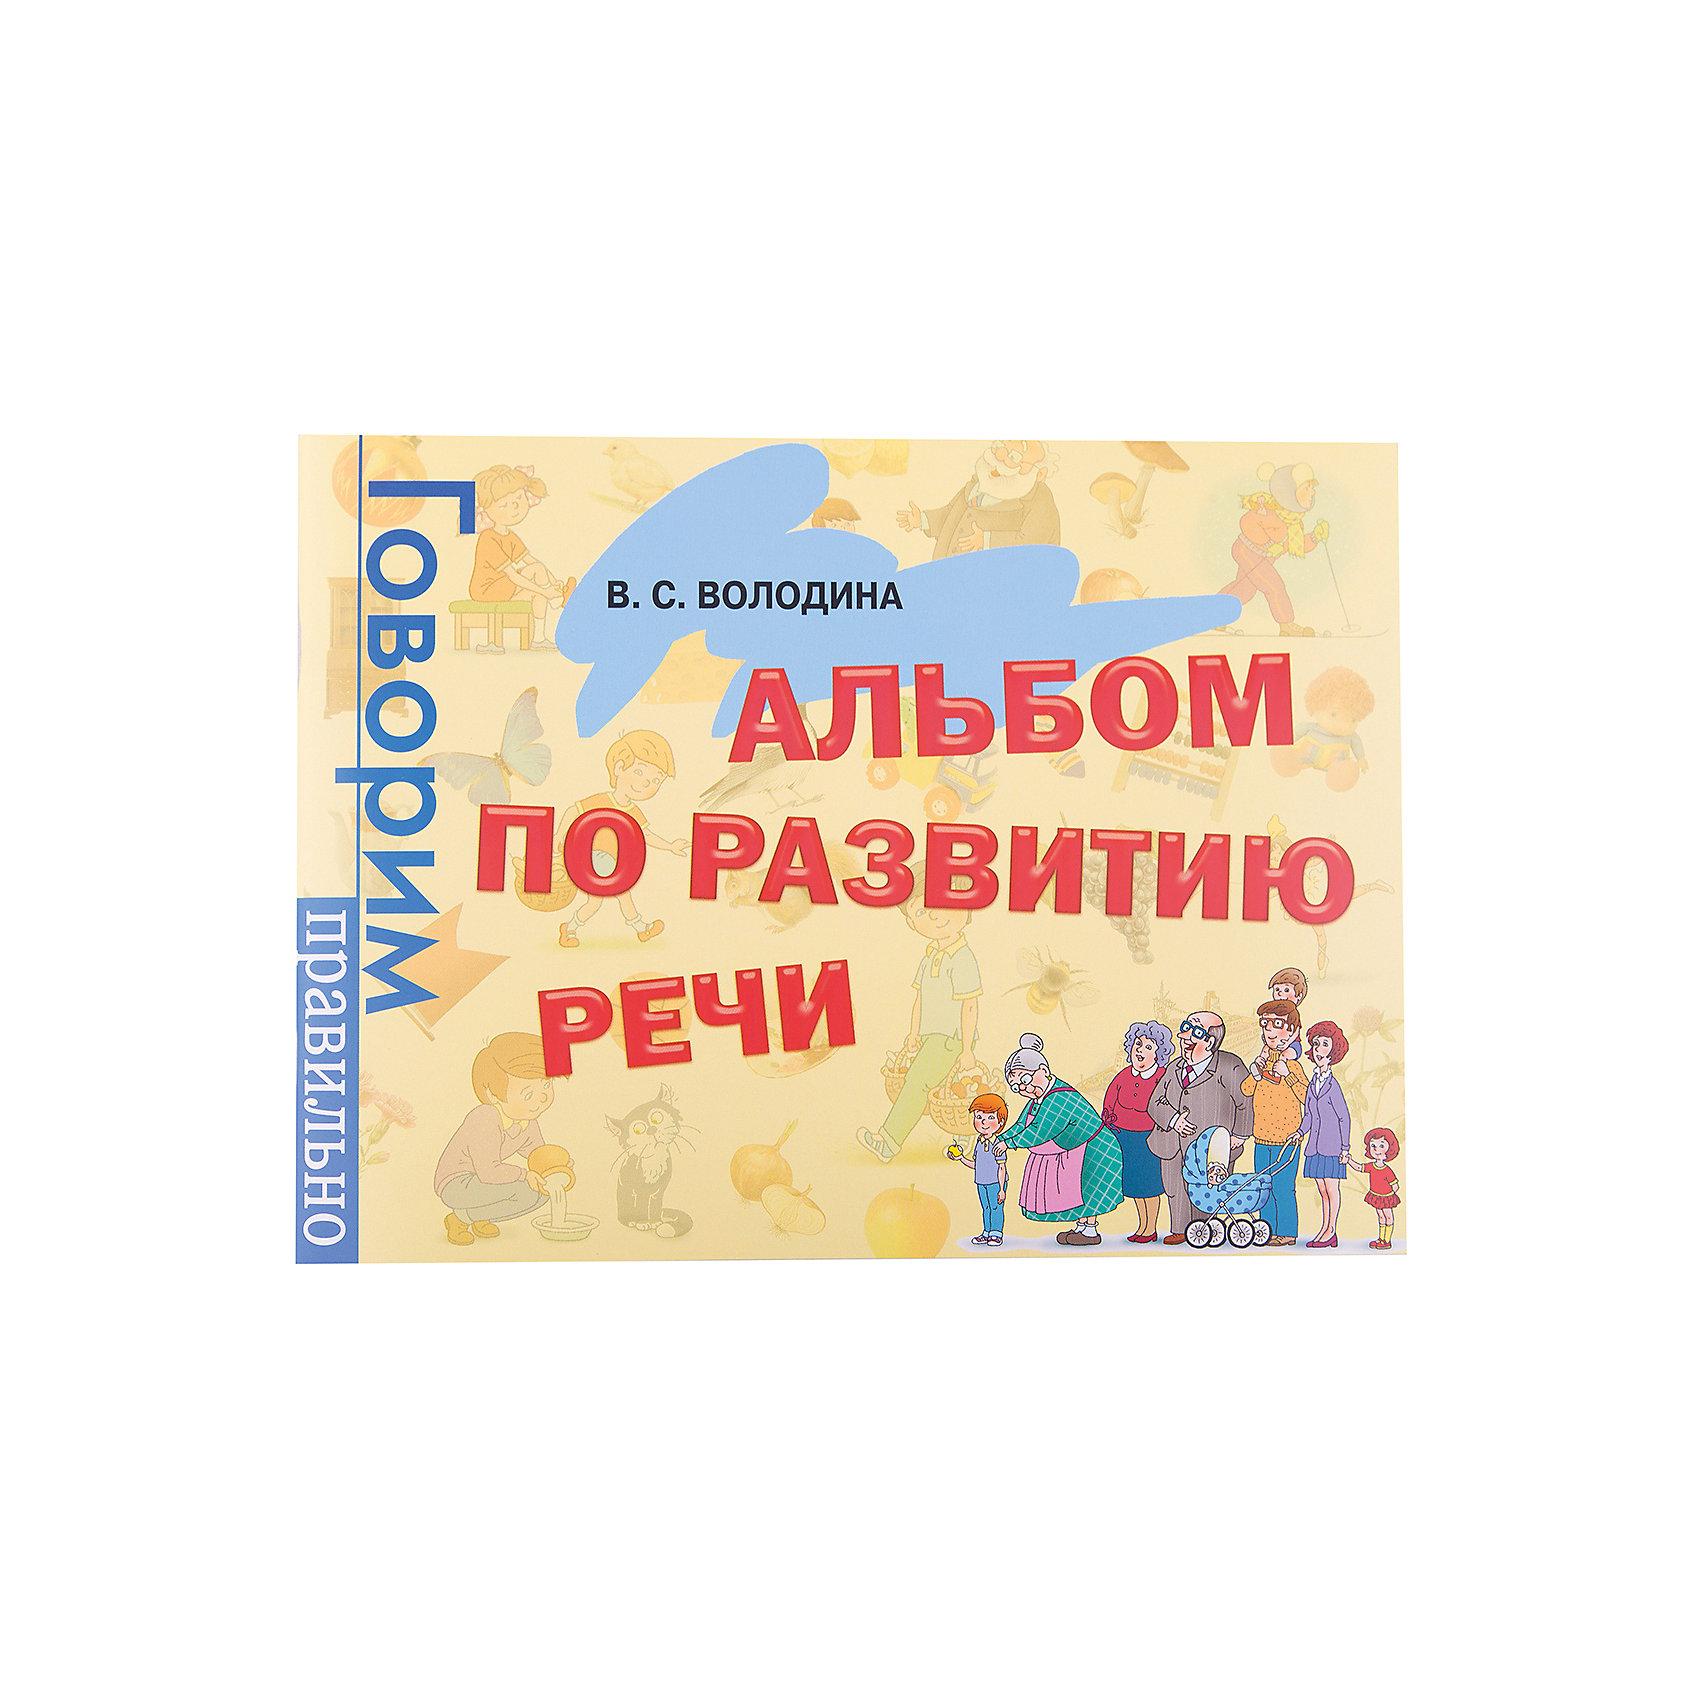 Росмэн Альбом по развитию речи Говорим правильно игорь милославский говорим правильно по смыслу или по форме